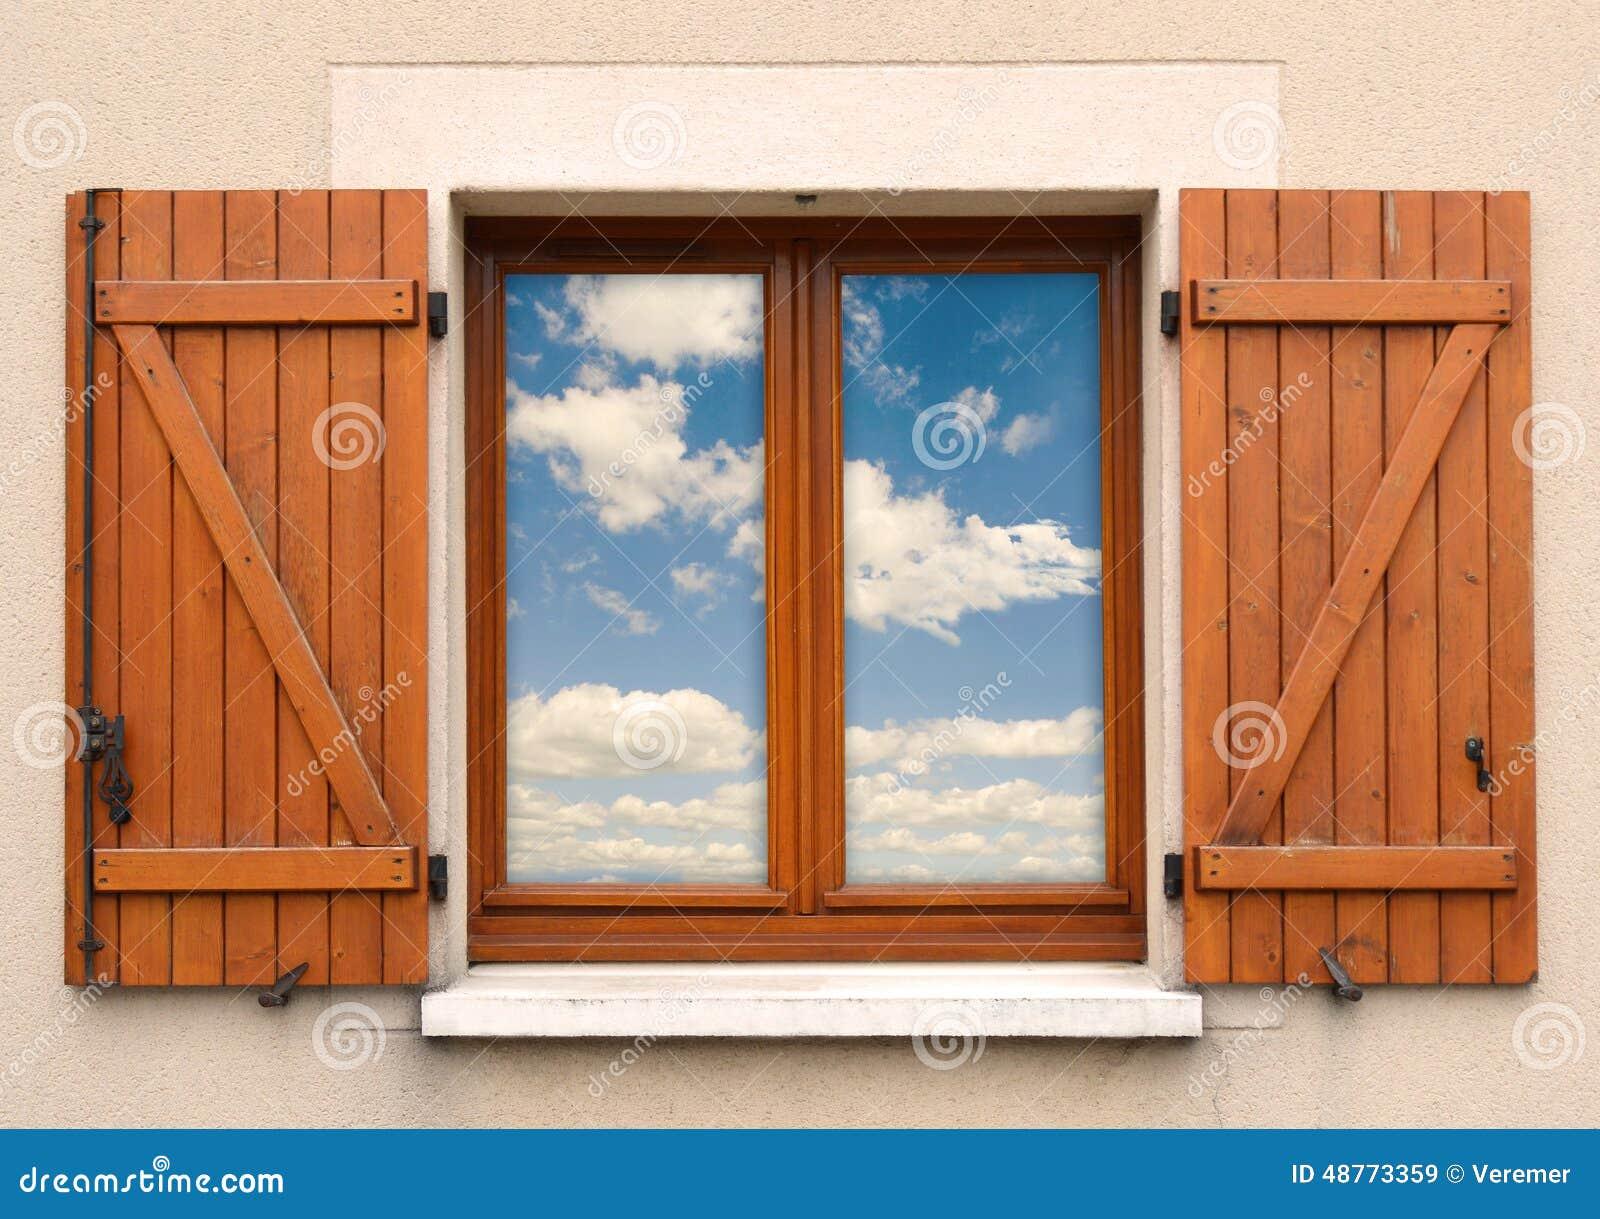 Fenster und fensterl den und himmel stockfoto bild 48773359 - Fenster justieren anleitung mit bildern ...